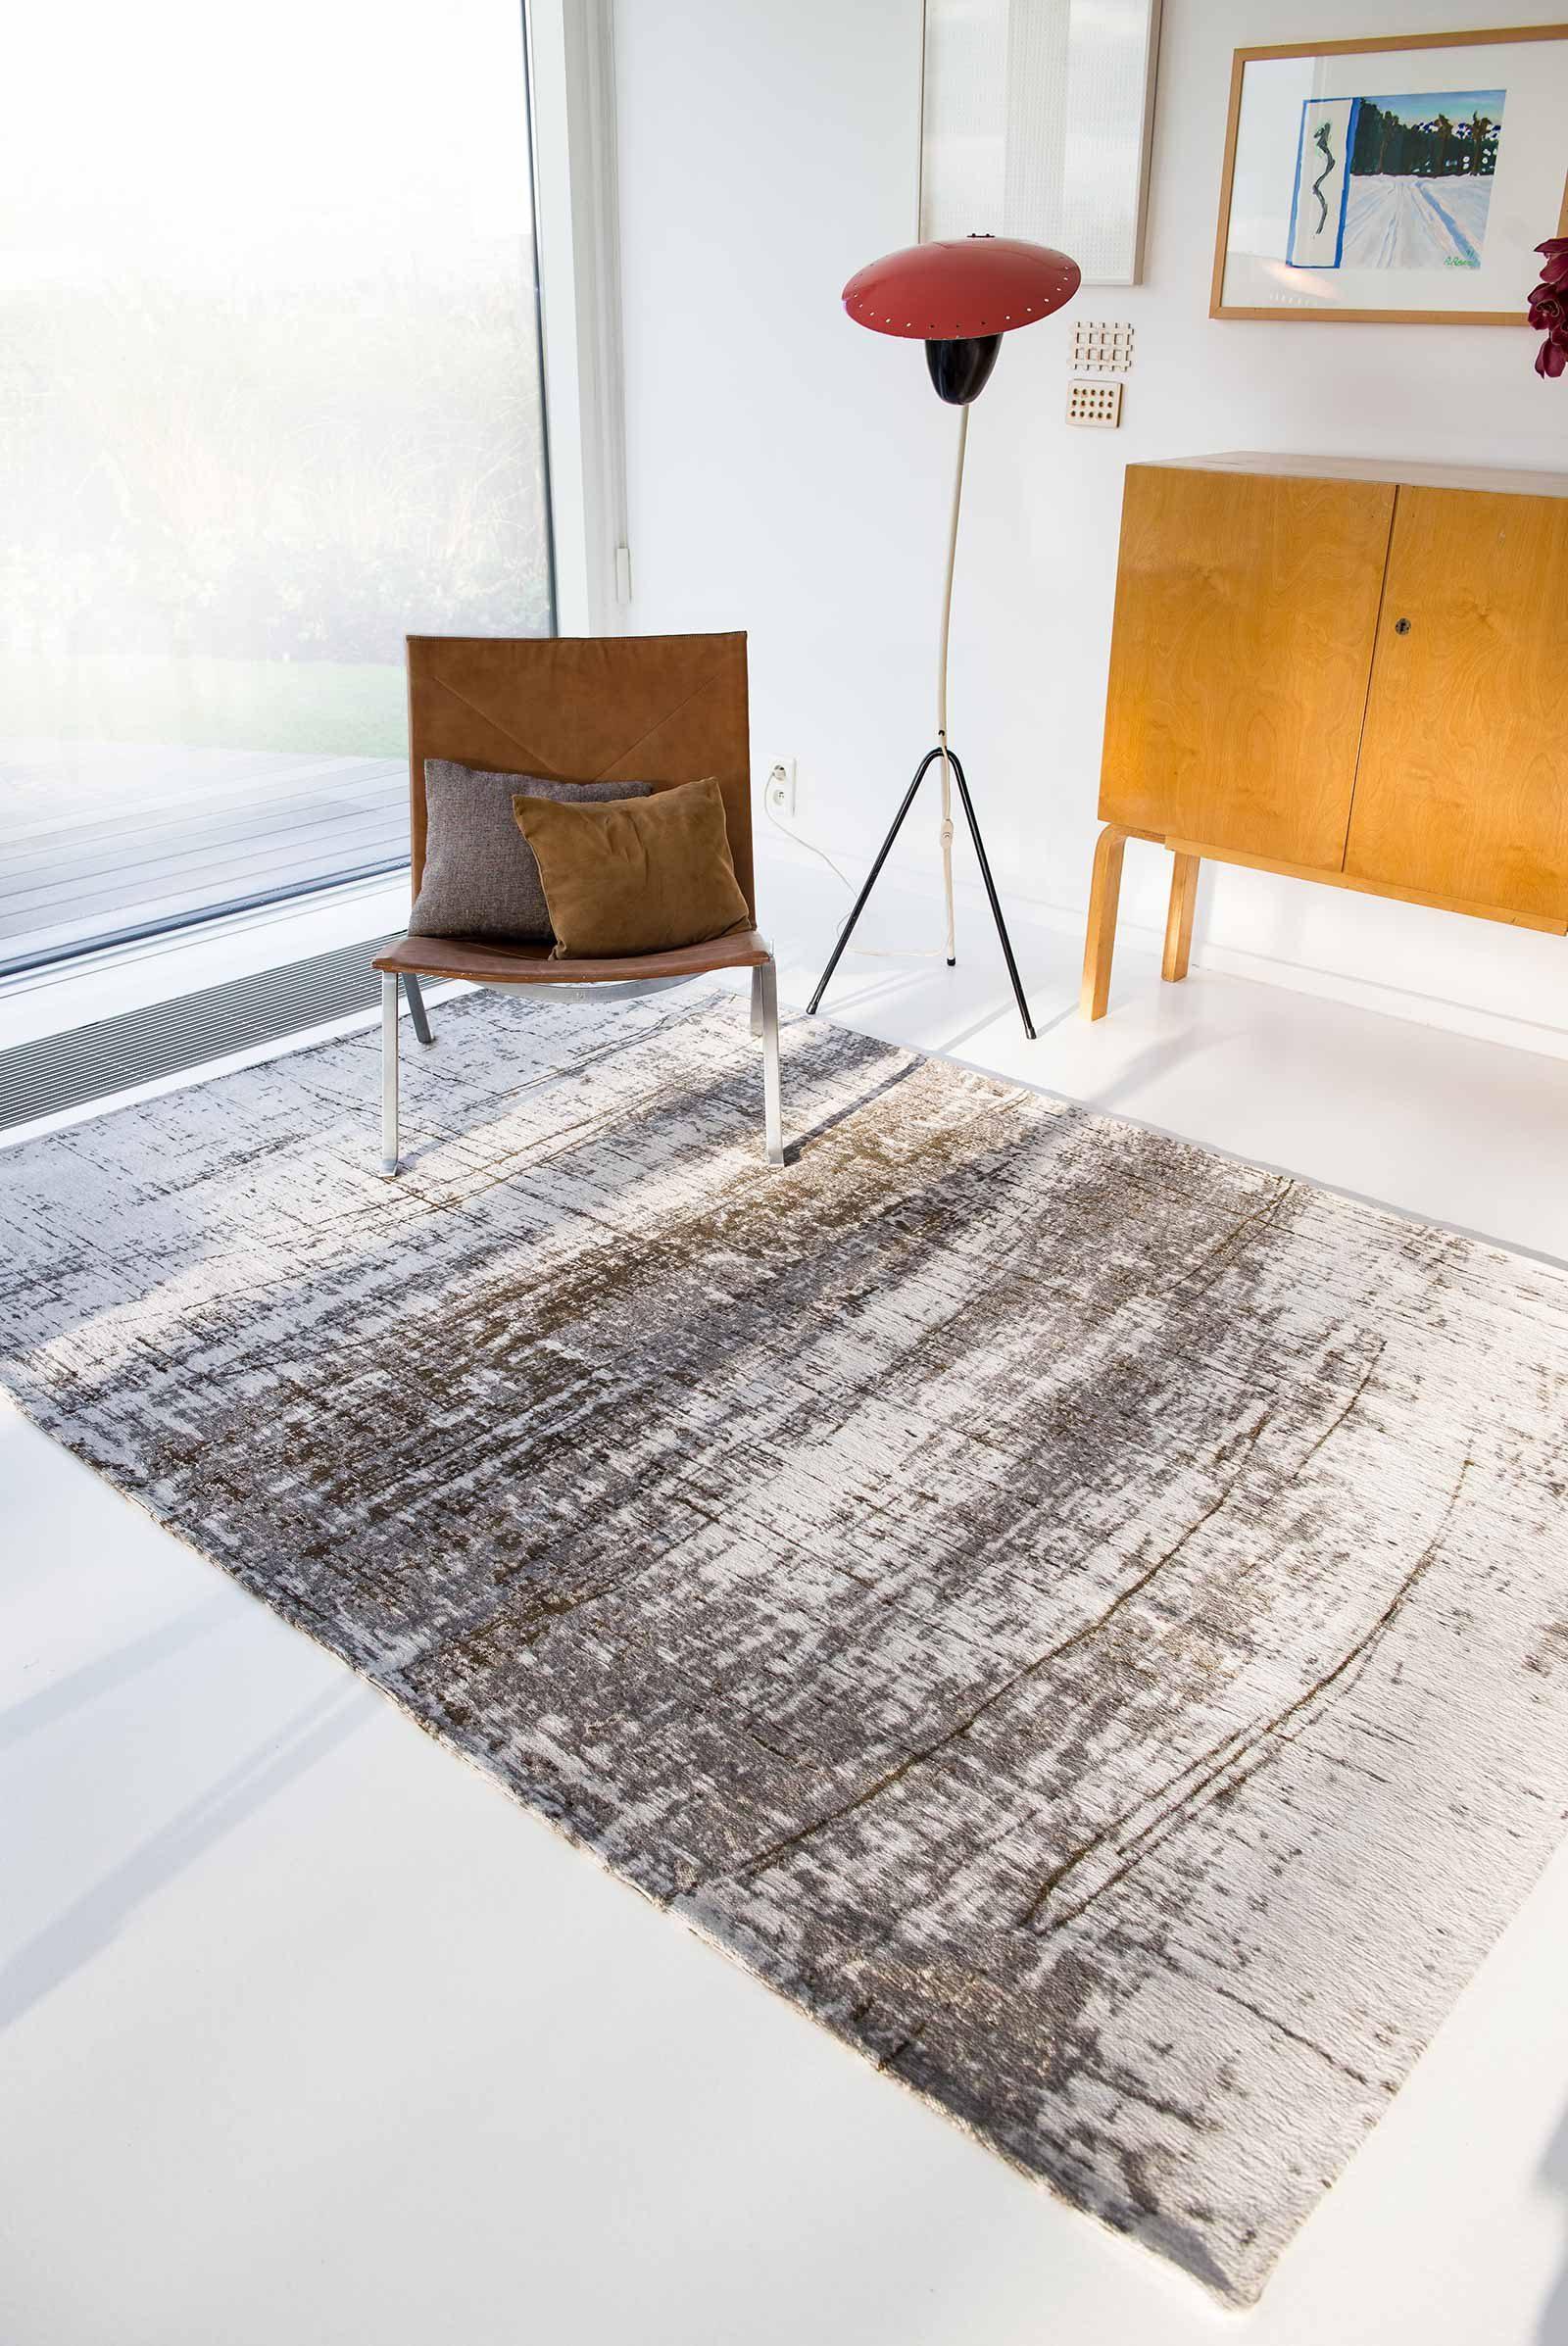 Louis De Poortere rug LX 8785 Mad Men Griff Concrete Jungle interior